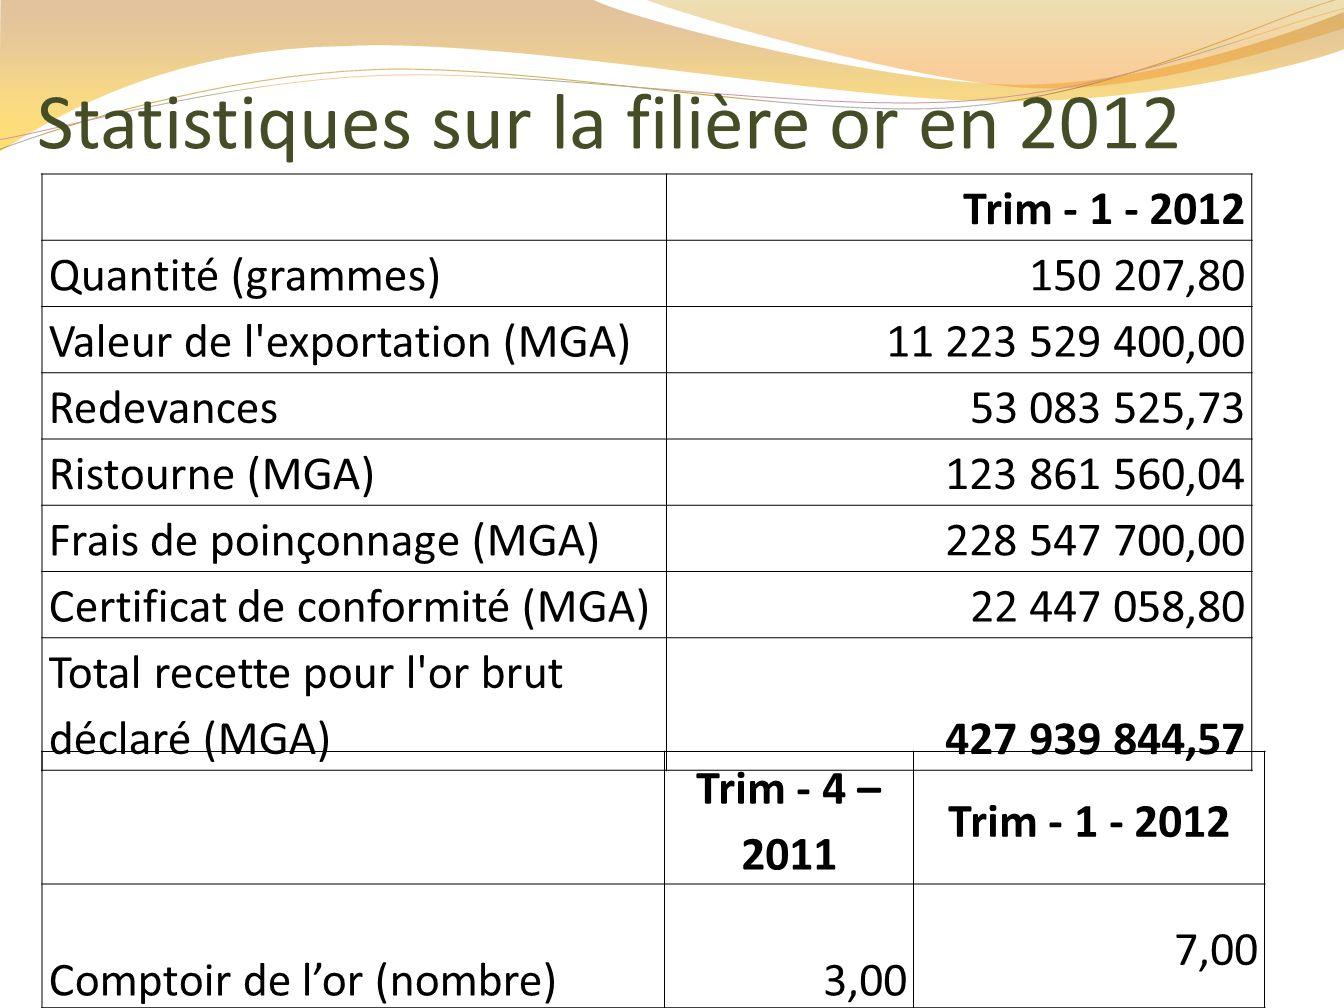 Statistiques sur la filière or en 2012